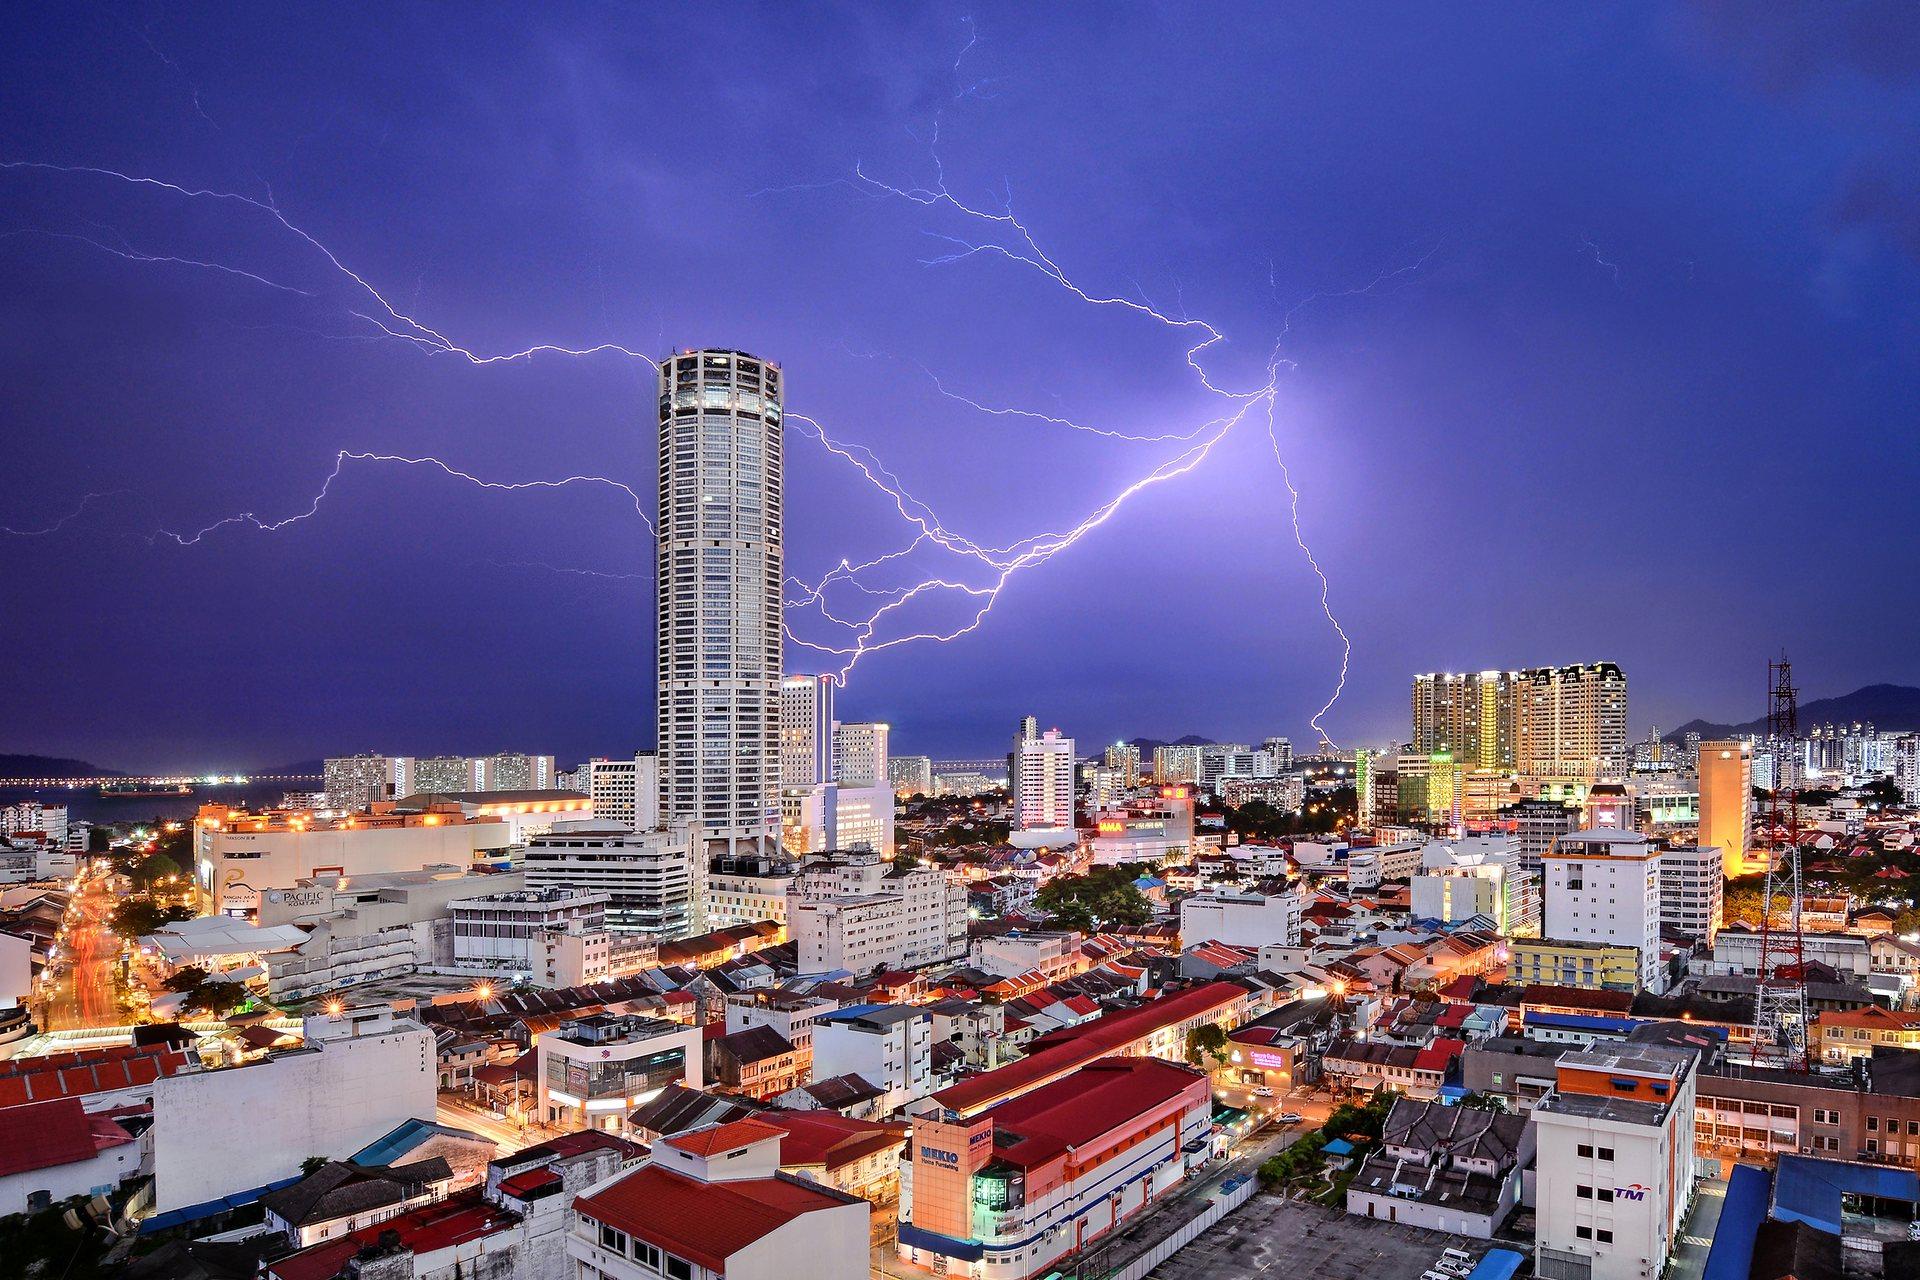 Τρίτη θέση, πόλεις: Celestial Reverie. Κεραυνός μοιάζει να χτυπά τον πύργο Komtar, το πιο χαρακτηριστικό ορόσημο της George Town (πρωτεύουσα της πολιτείας Penang στην Μαλαισία) και σύμβολο της αναγέννησης που γνωρίζει η πόλη τα τελευταία χρόνια, διάσημη για το μοναδικό μείγμα των αρχαίων κτιρίων και των σύγχρονων δομών. Ενώ πολλές από τις παλιές γειτονιές της έχουν παραμεληθεί τη δεκαετία του 1990 και στις αρχές του 2000, το 2008 μια λίστα Παγκόσμιας Κληρονομιάς της UNESCO πυροδότησε μια σημαντική μεταμόρφωση και σήμερα είναι όλα μέρος ενός ζωντανού τουριστικού προορισμού. Photograph: Jeremy Tan/National Geographic Travel Photographer of the Year Contest